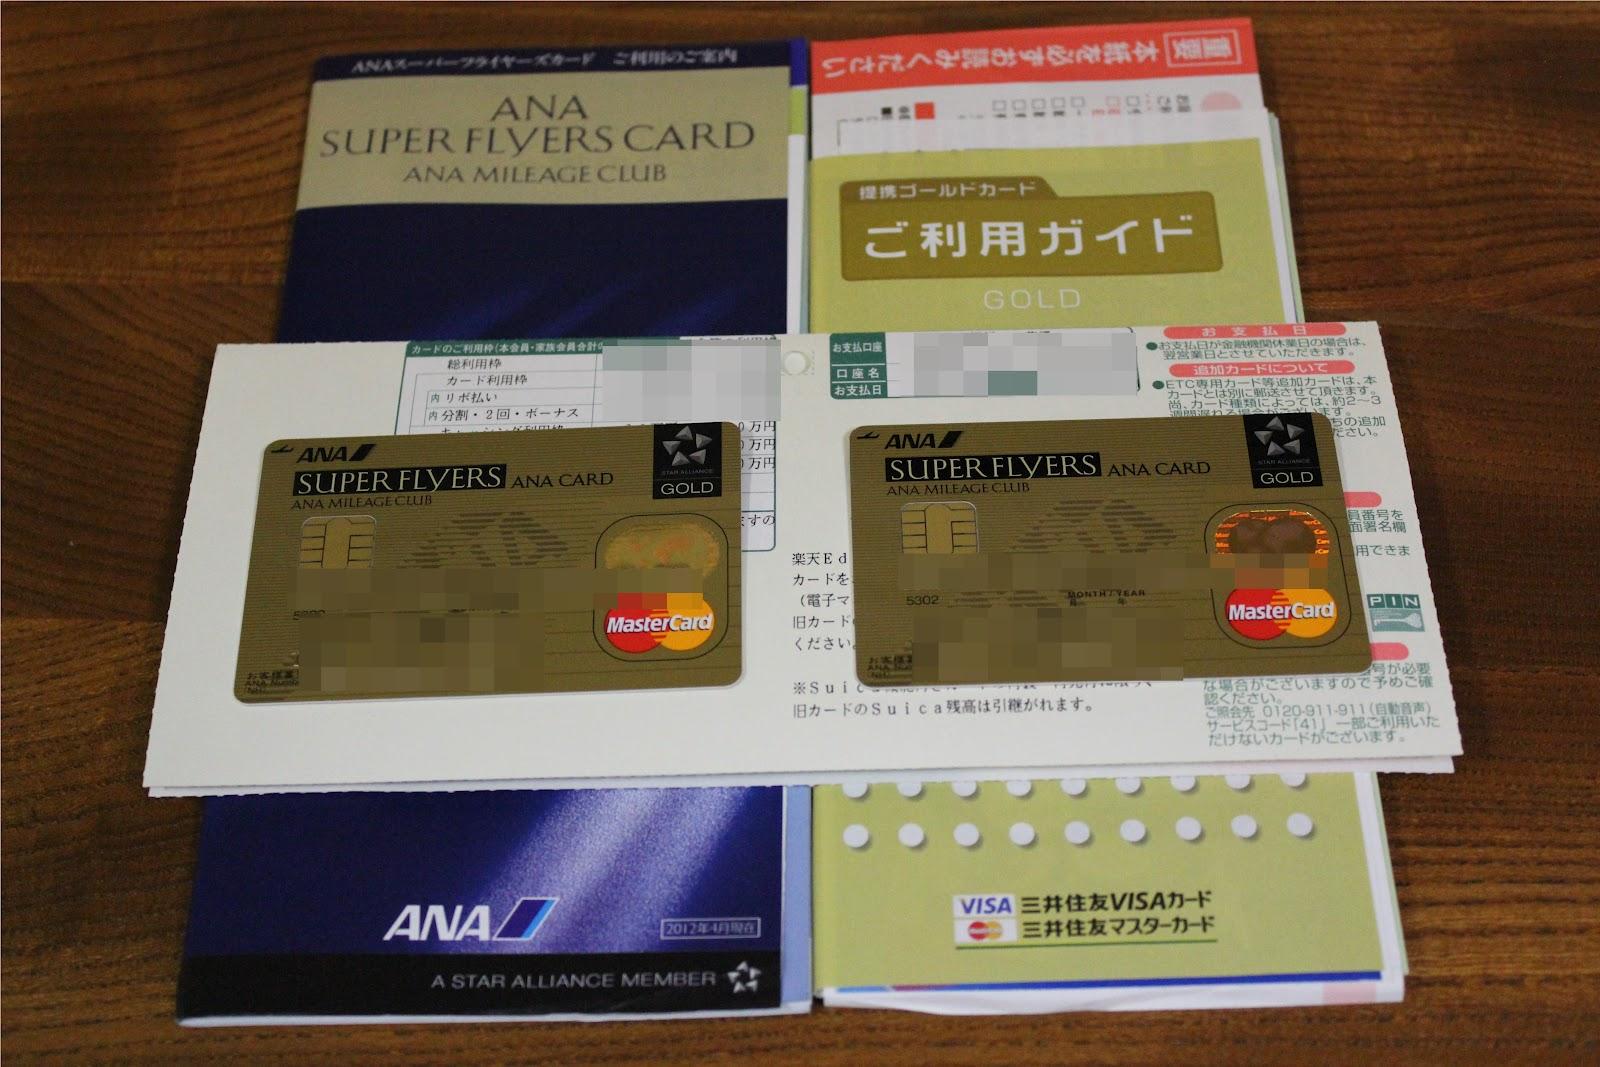 ずっと使える!ANAのSFC家族カードは絶対ゲット …